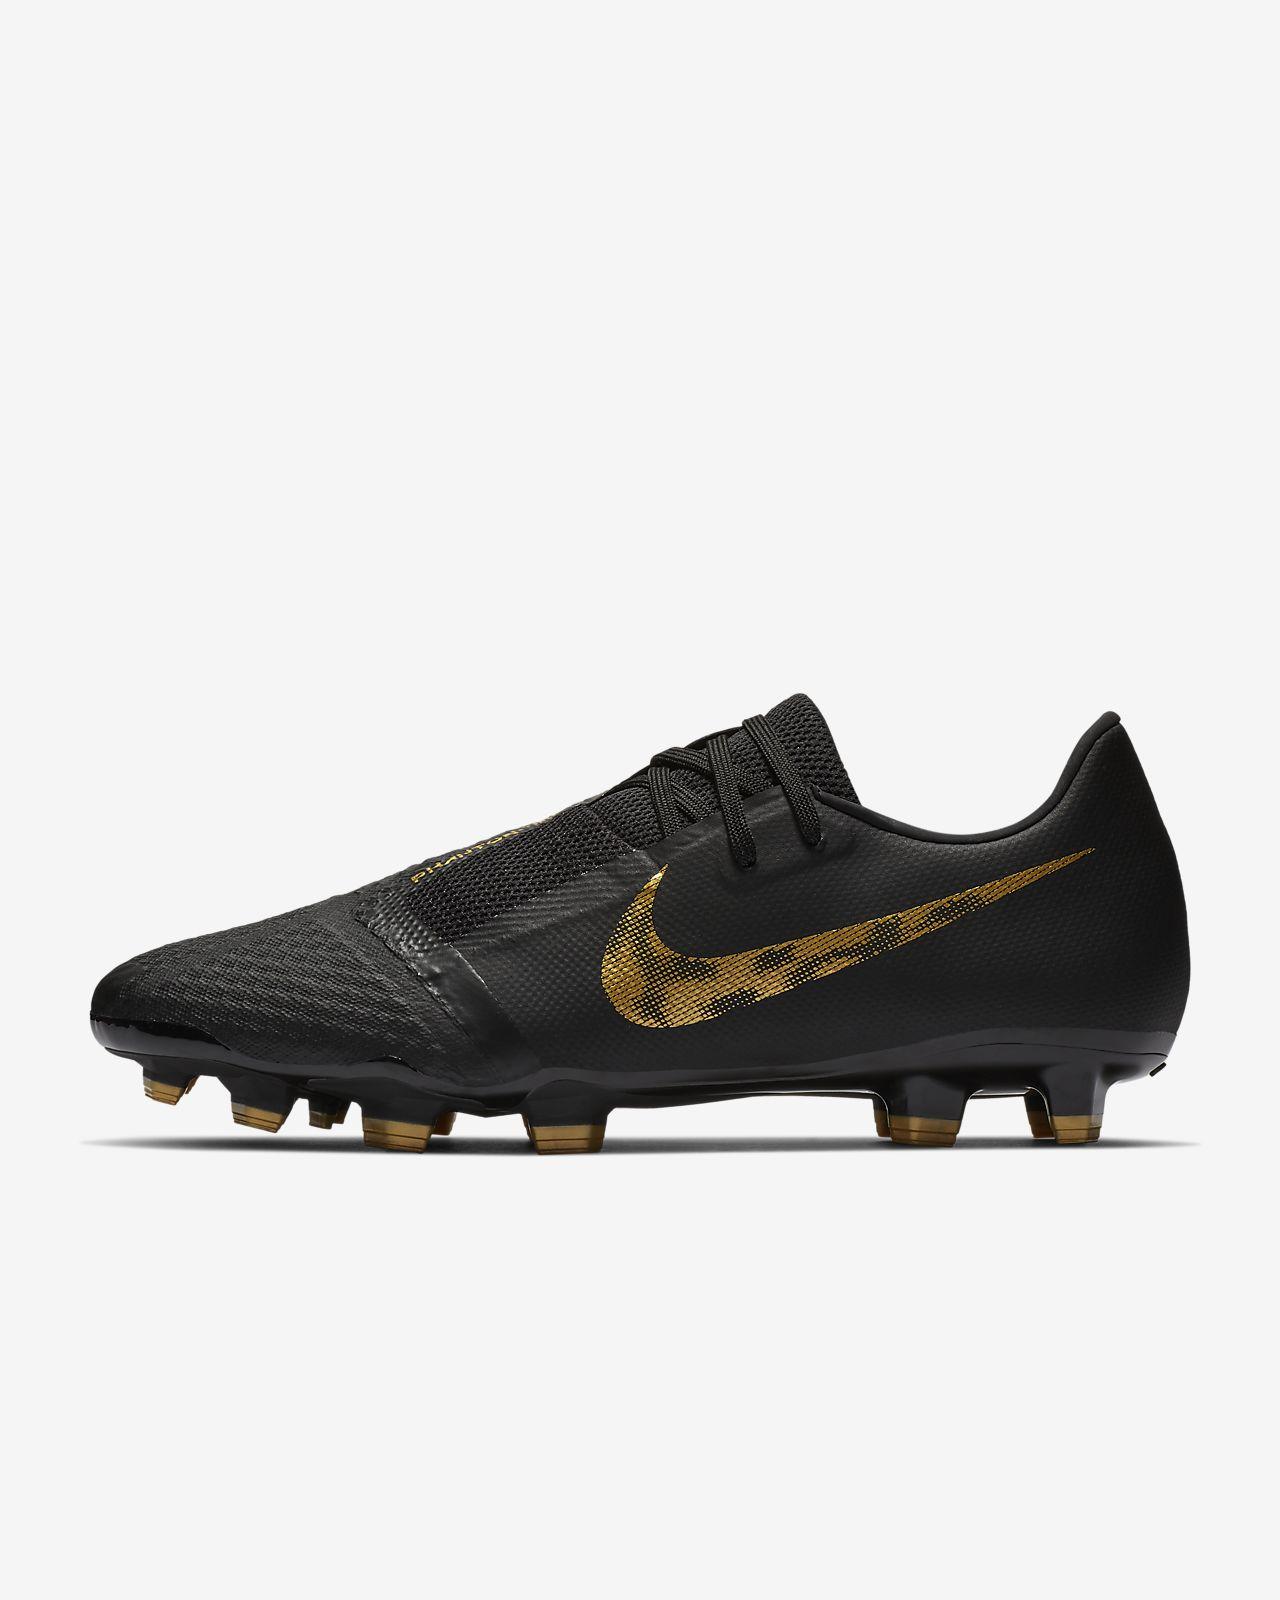 75f72f7e7e ... Chaussure de football à crampons pour terrain sec Nike PhantomVNM  Academy FG Game Over